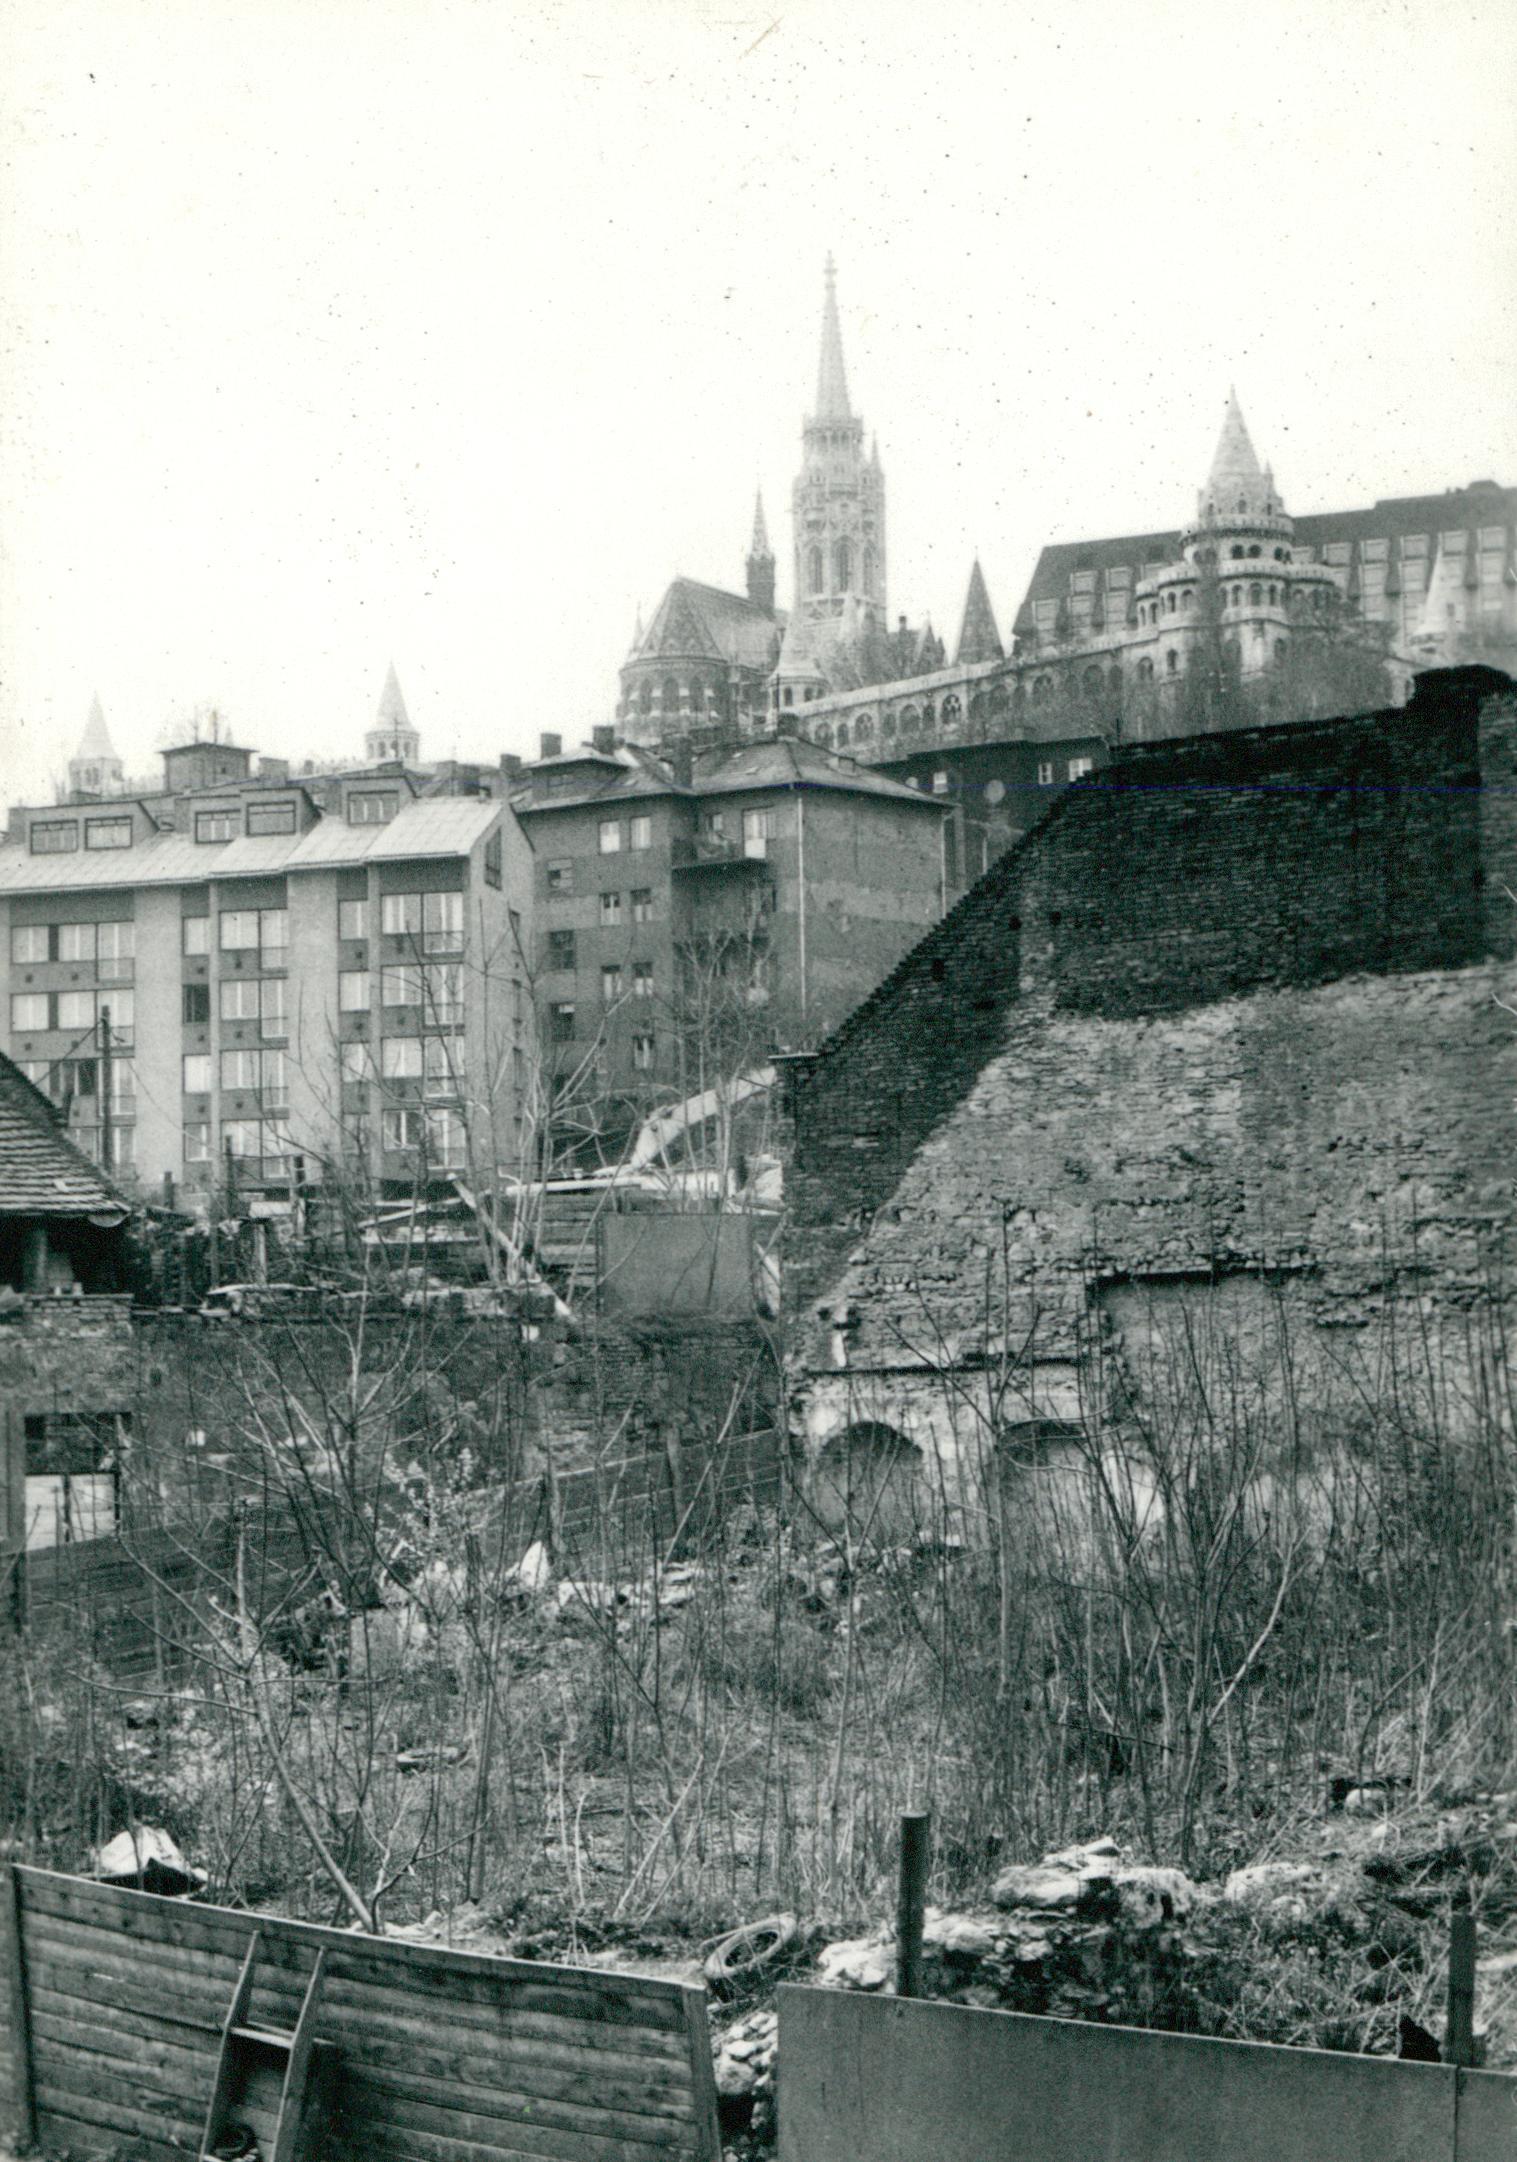 Állapotfelmérés az I. kerületben, háttérben a budavári Nagyboldogasszony-templommal (Mátyás-templom)